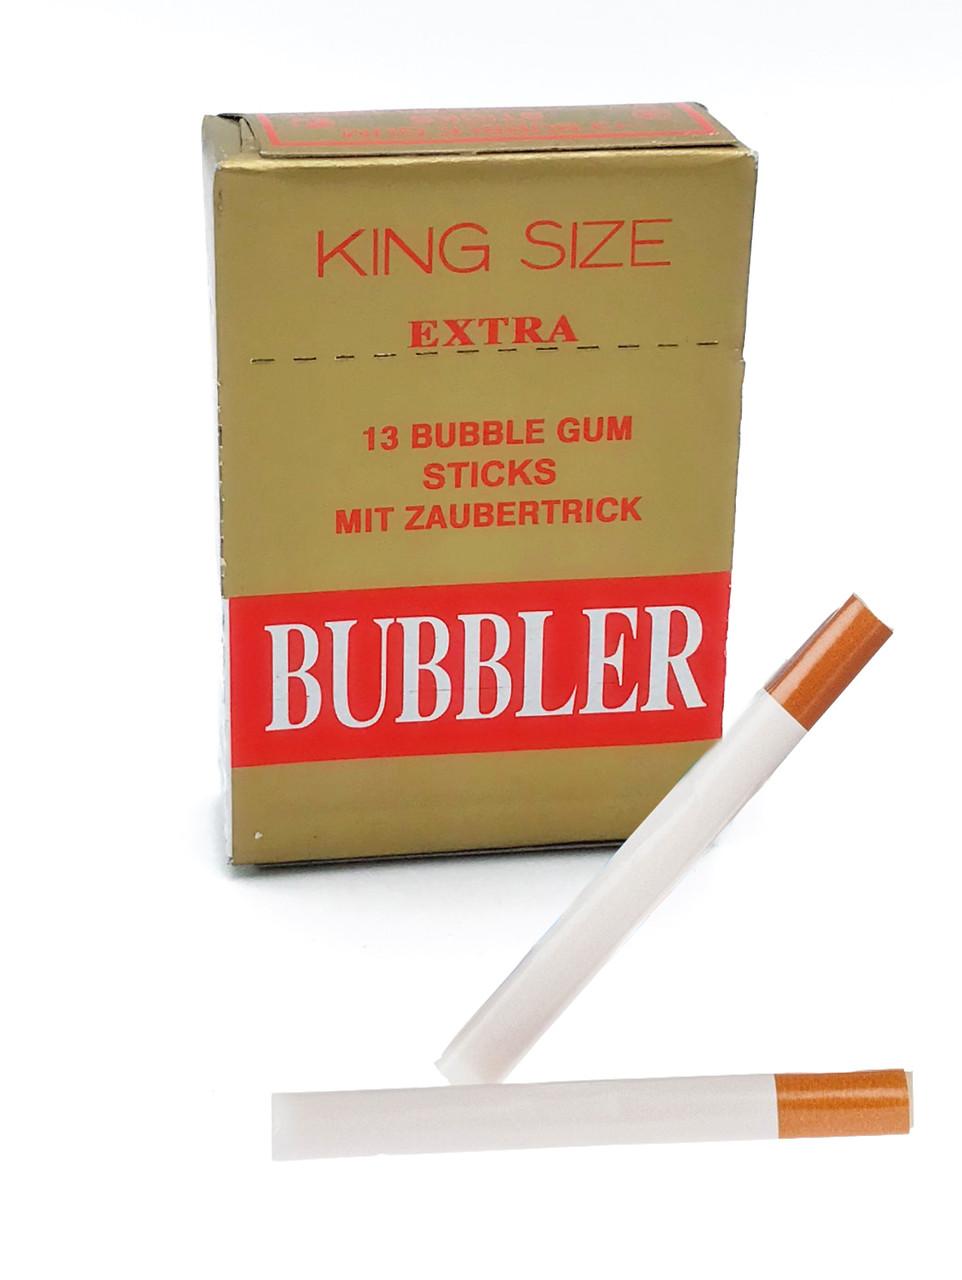 Купить жвачки в виде сигарет купить сигареты без никотина в интернет магазине